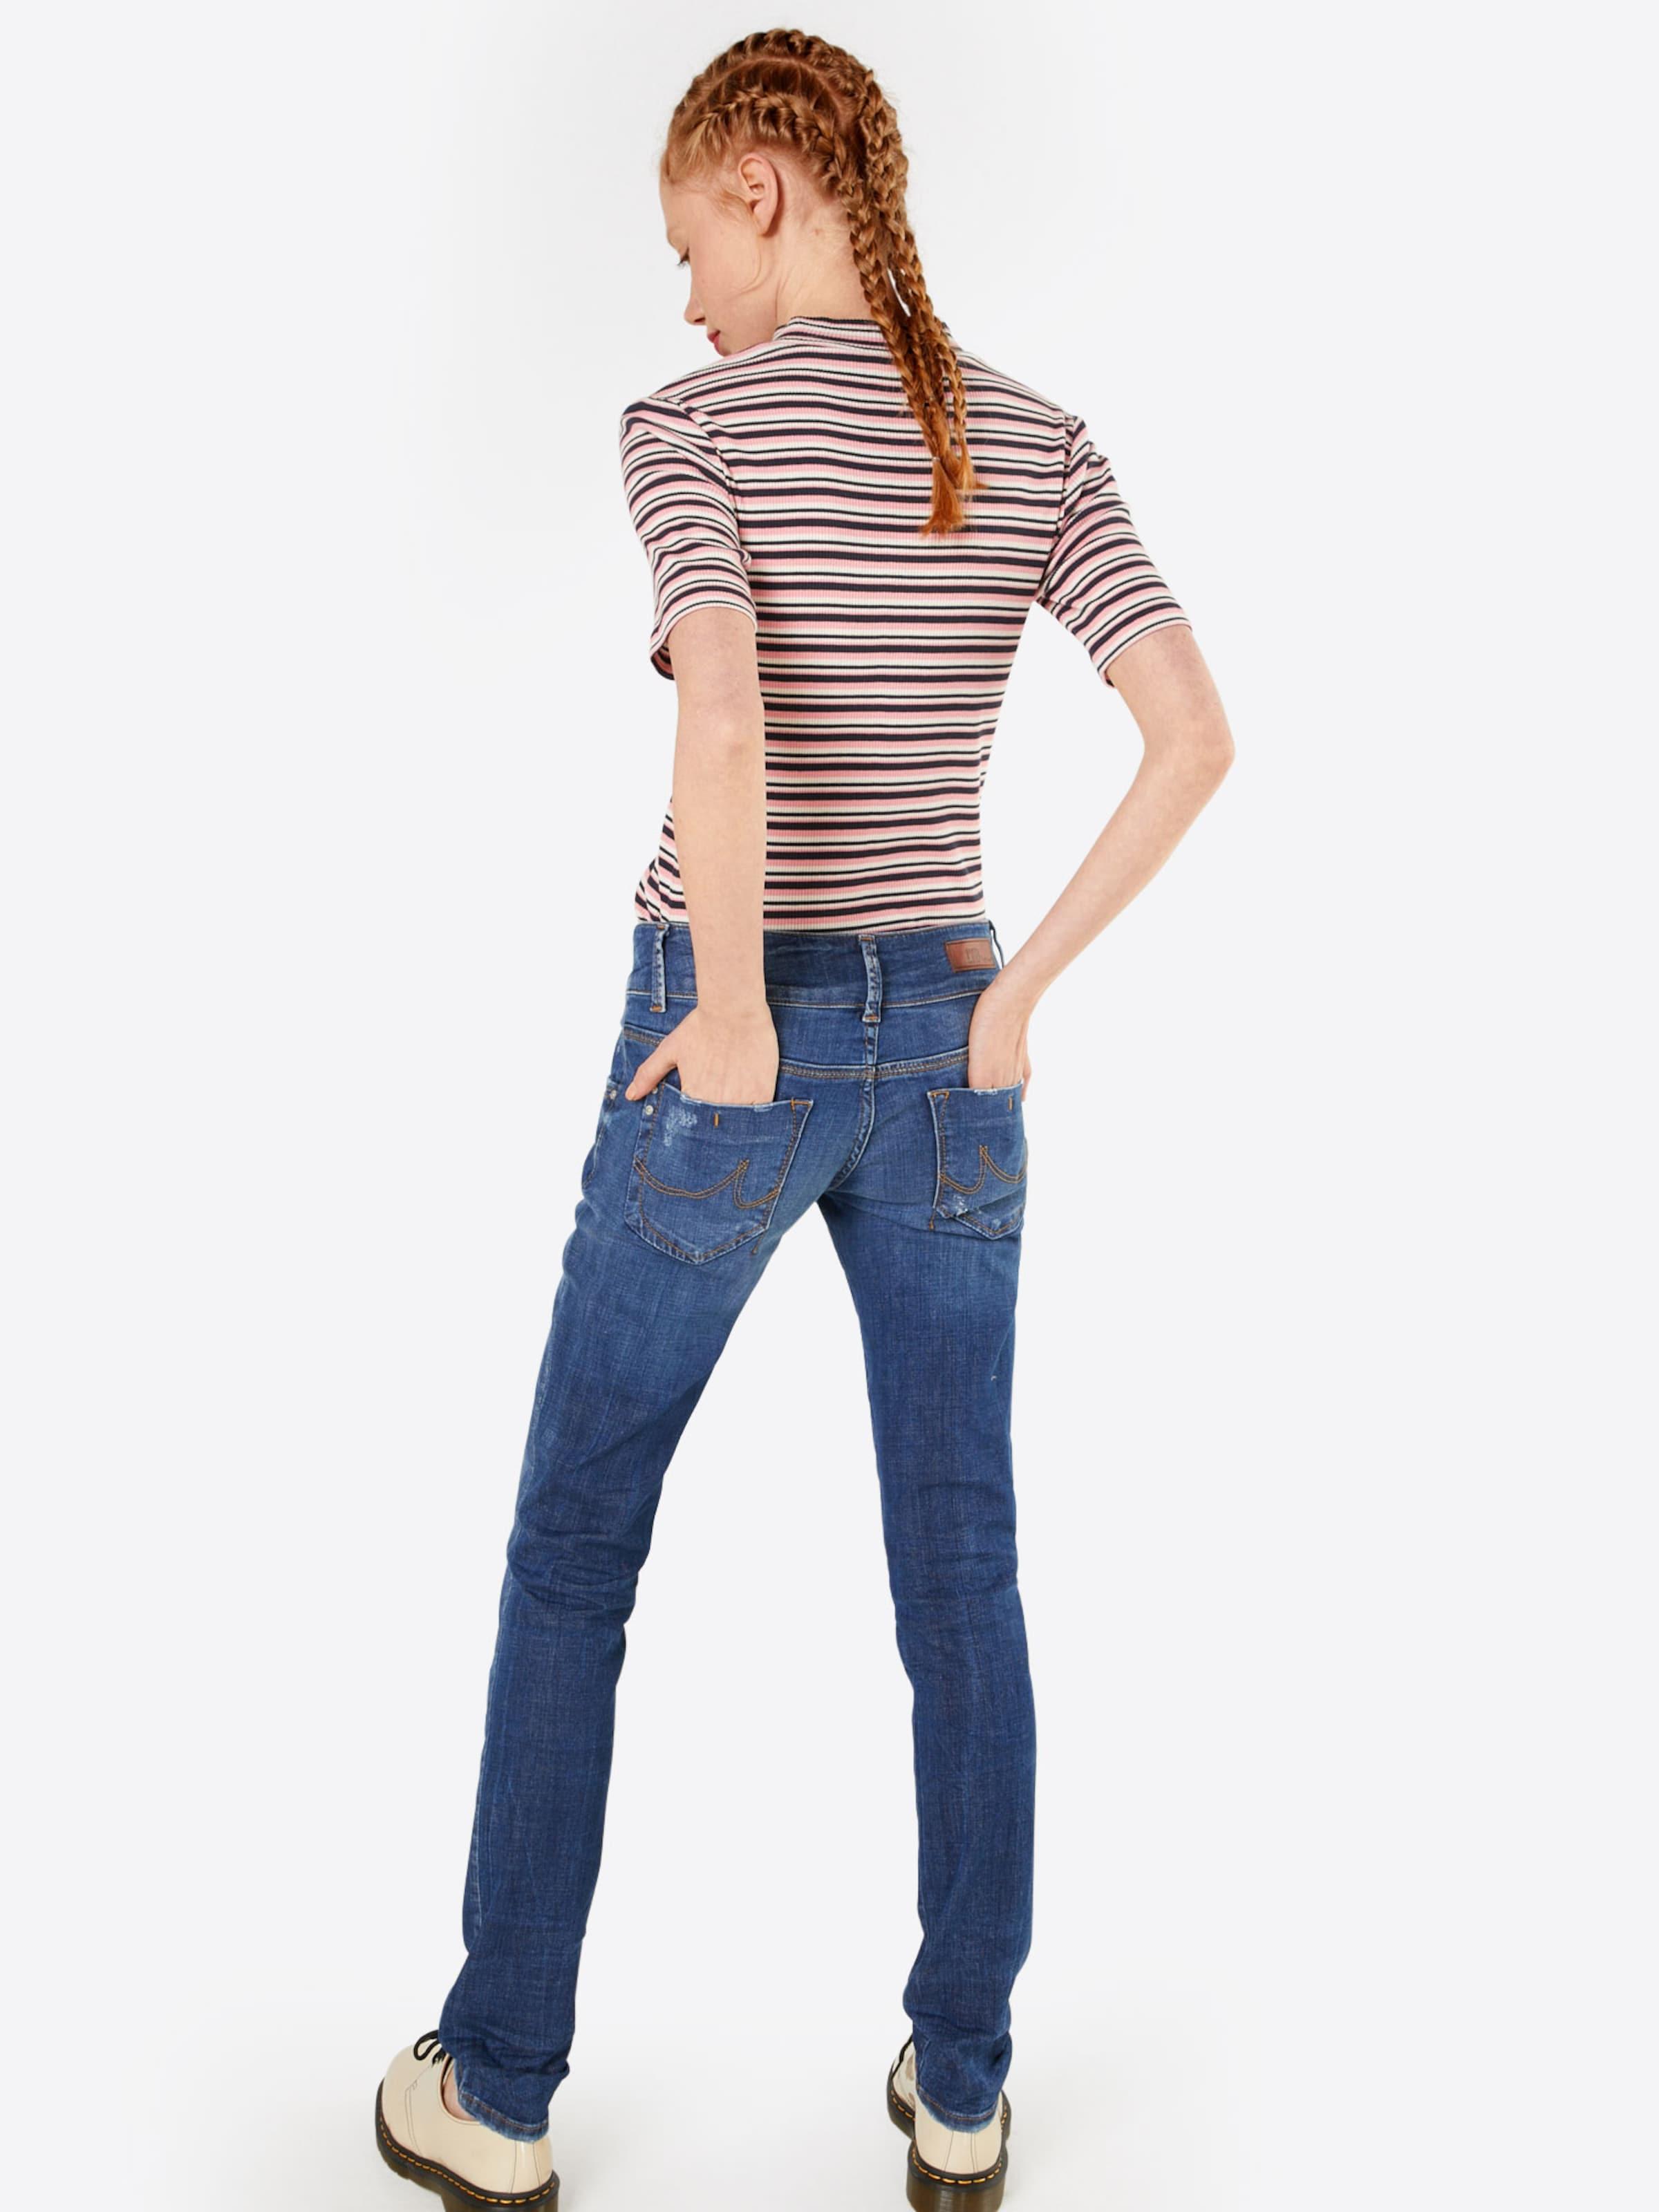 LTB Stretchige Skinny Jeans 'Molly' Kaufen Billige Angebote Manchester Großer Verkauf Günstig Online Footlocker Finish Günstiger Preis RRsd64A